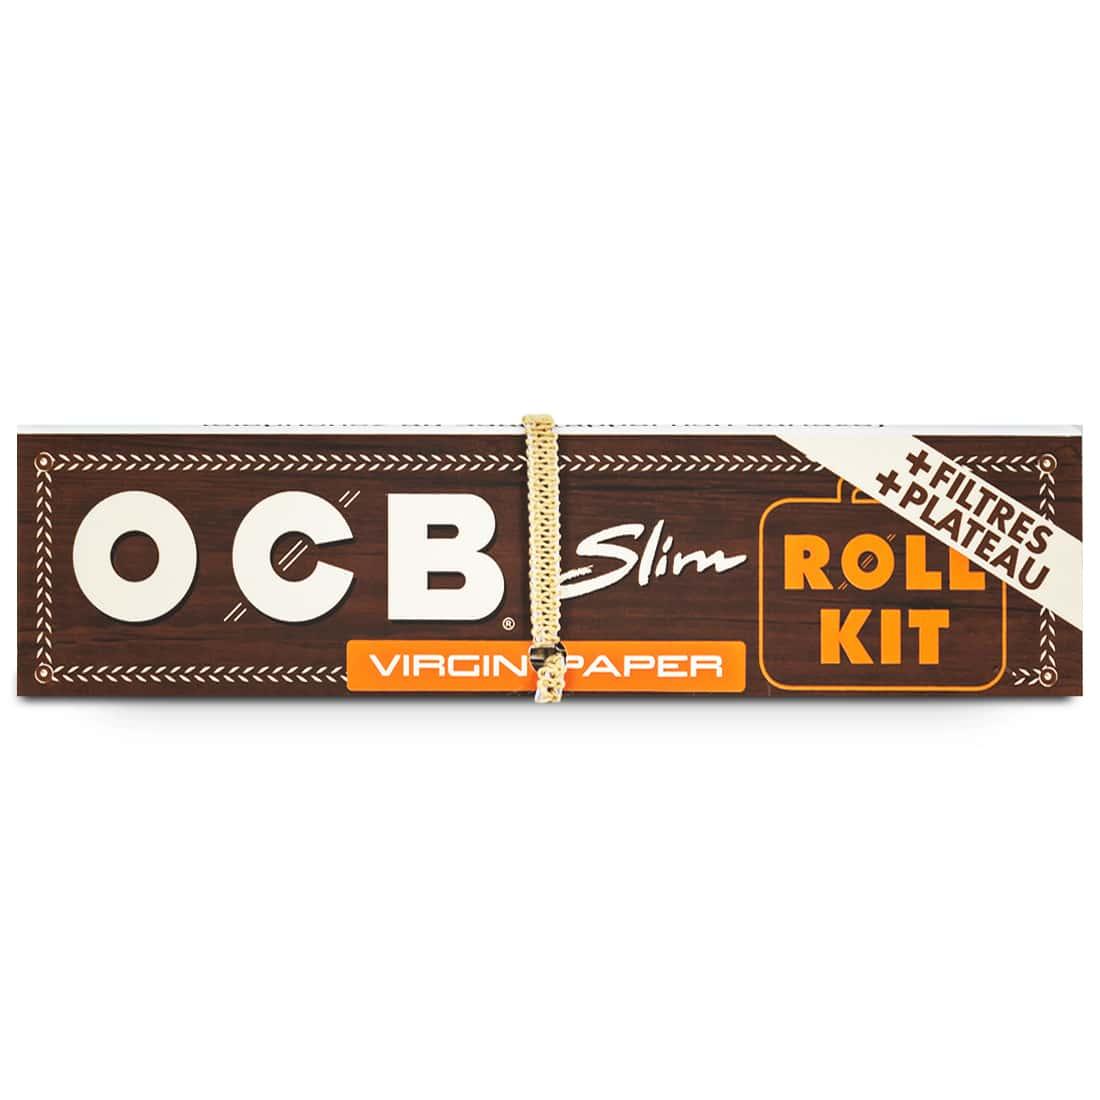 Photo #3 de Papier à rouler OCB Slim Virgin Roll Kit x 20